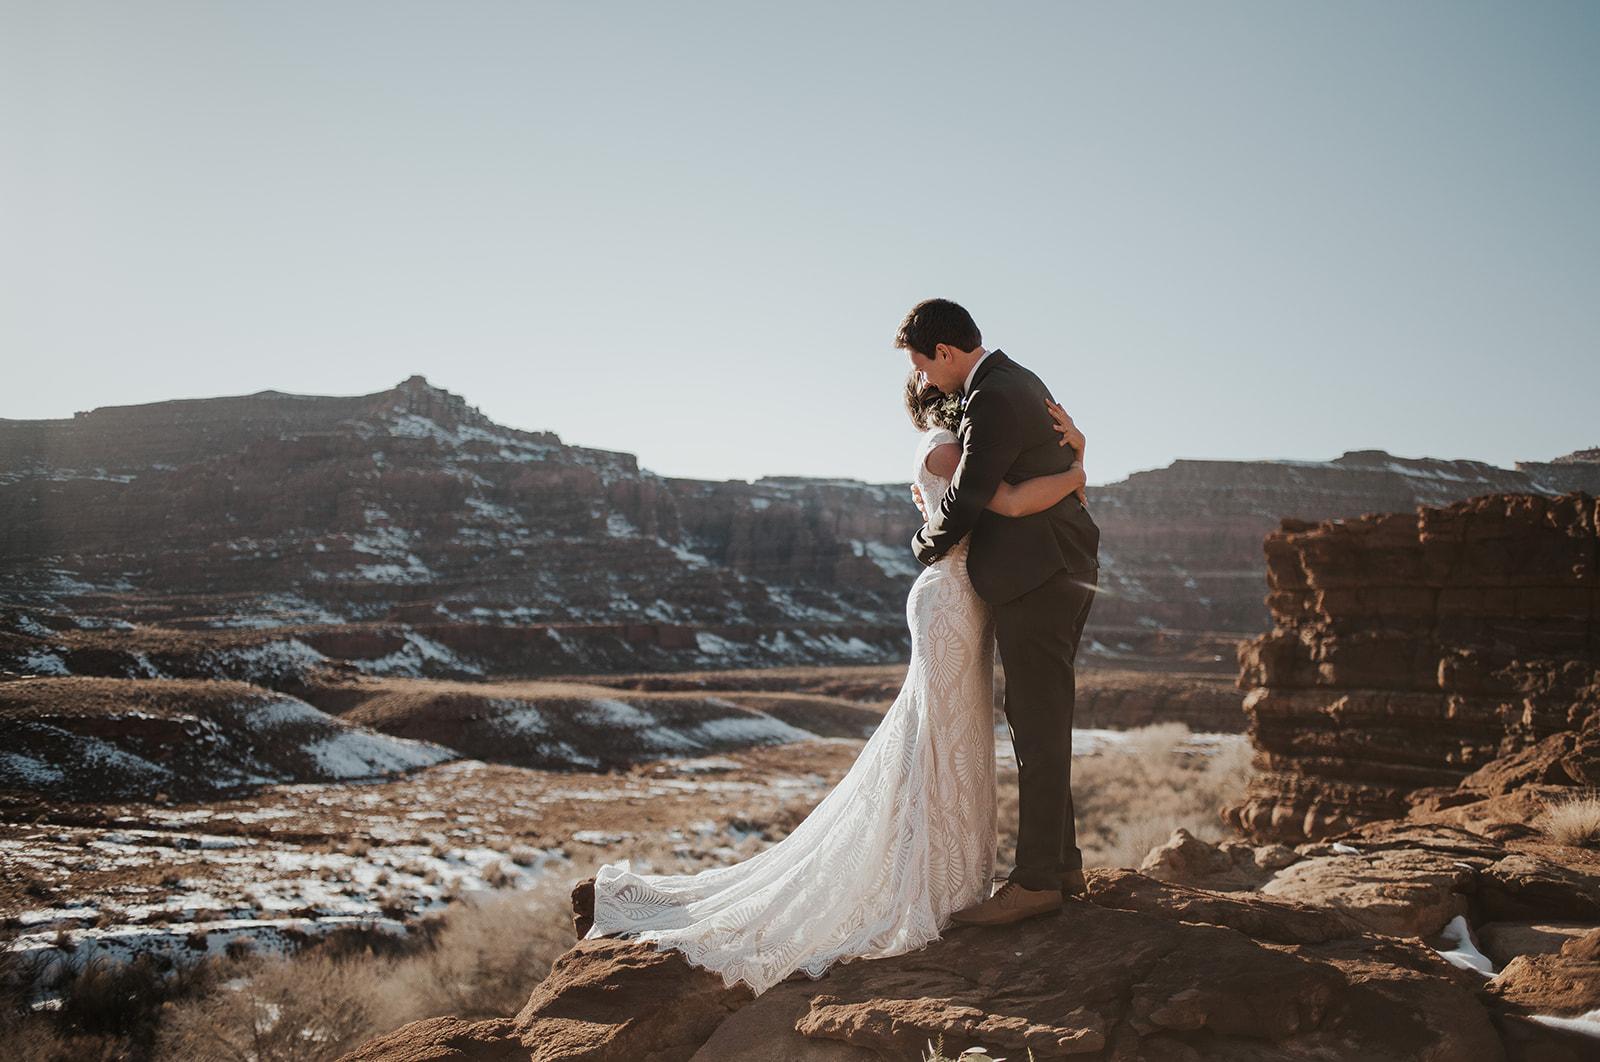 jamie+weston bridals-53.jpg